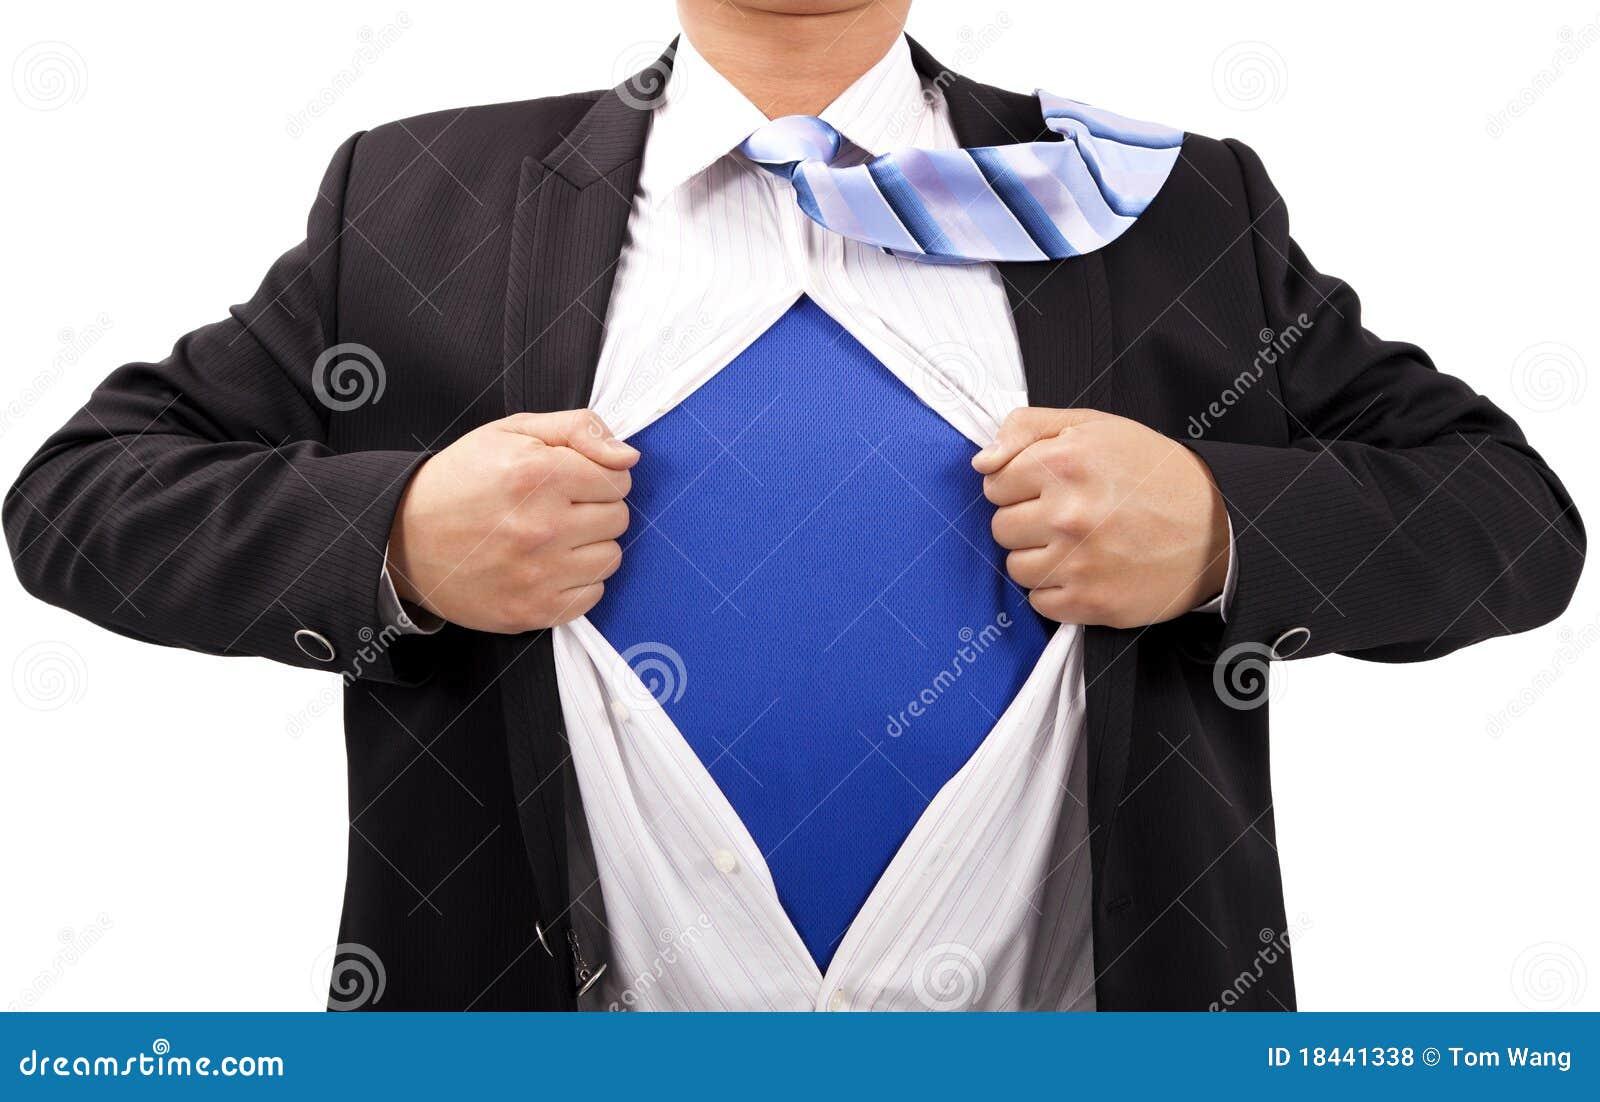 Geschäftsmann und Supermann